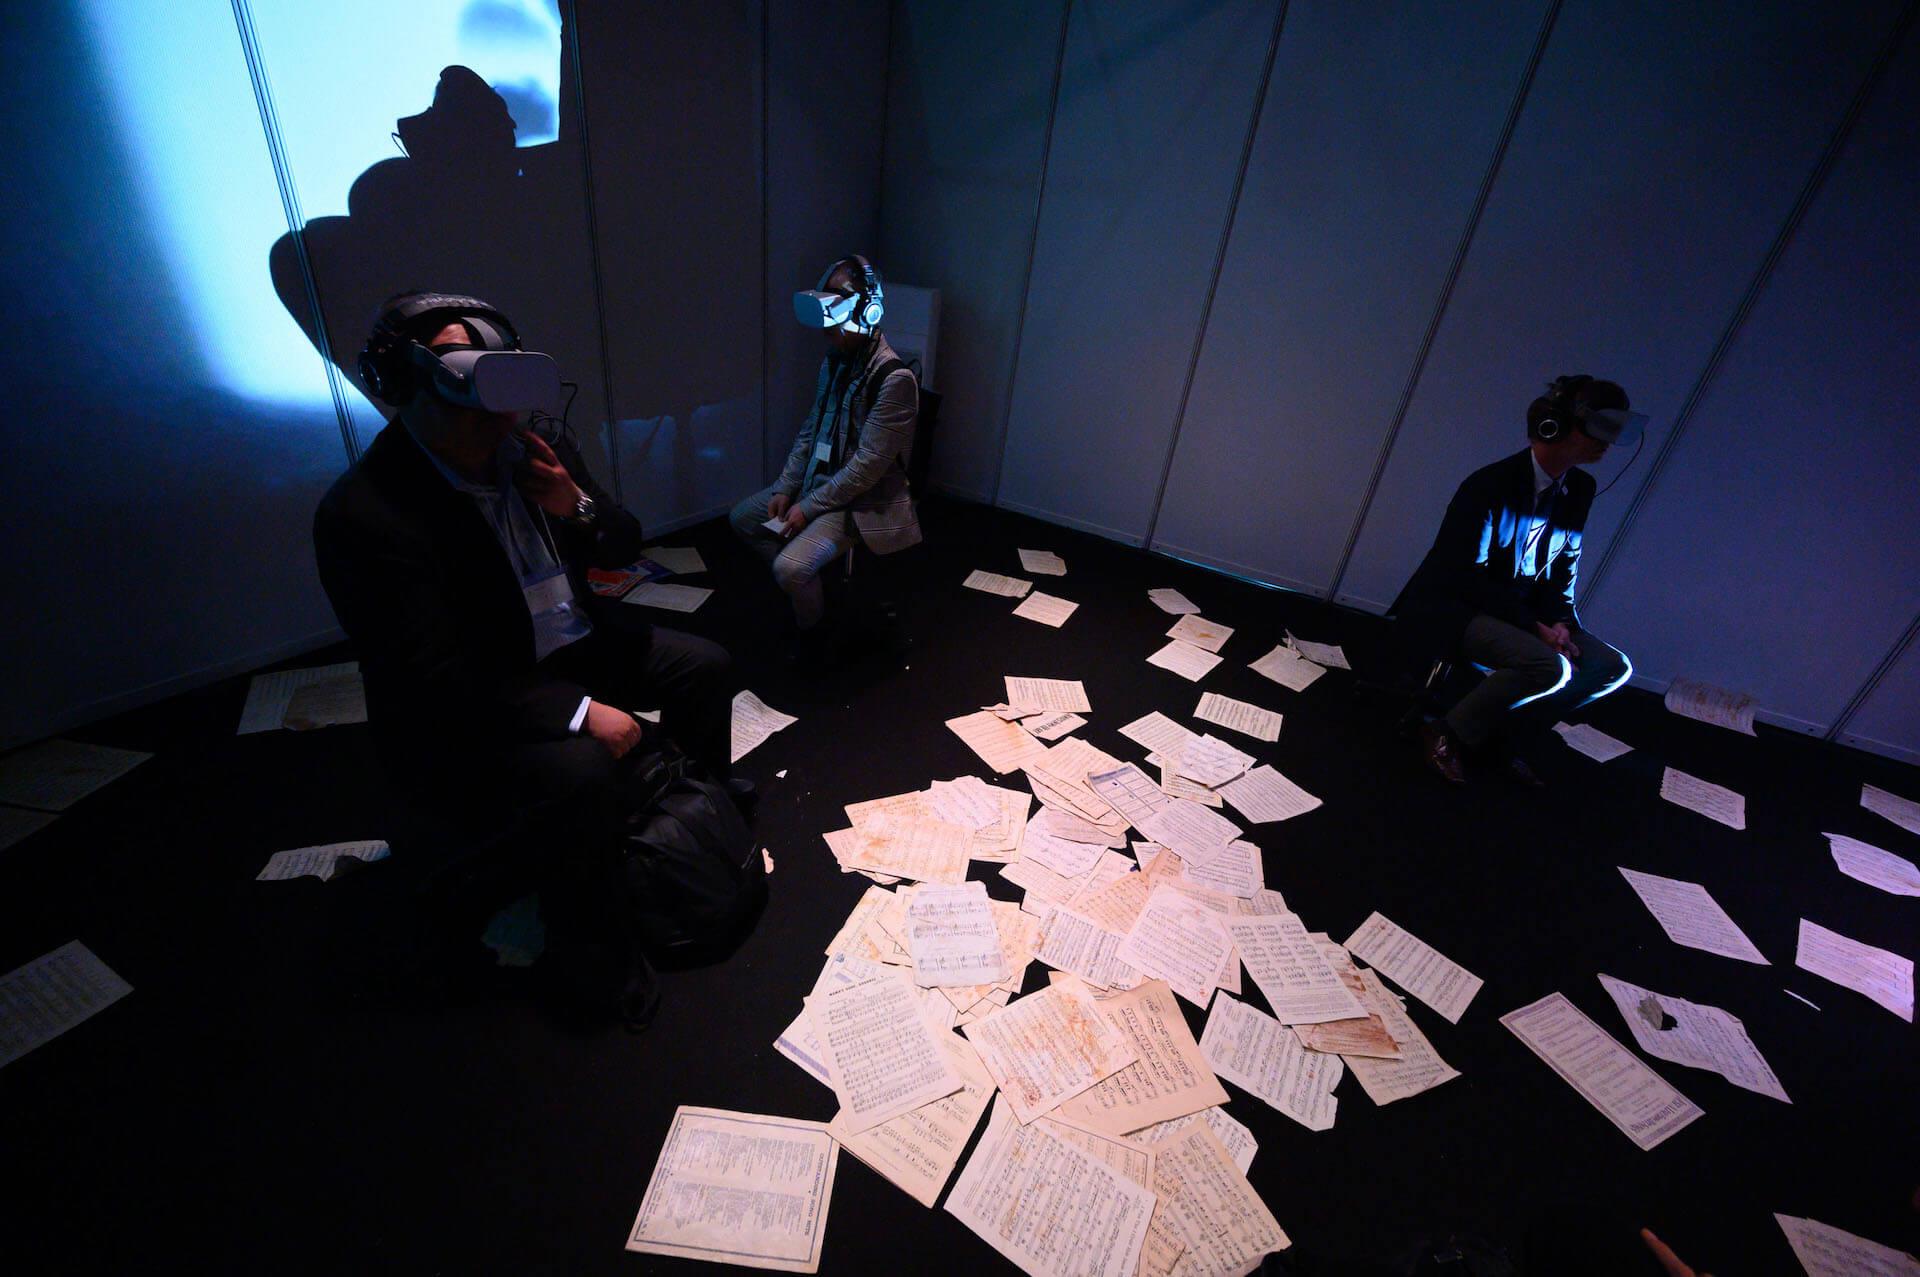 フォトレポート|Kode 9 & Koji Morimotoらが登場した電子音楽&デジタルアートの祭典「MUTEK.JP 2019」 music191219-mutek2019-6-1